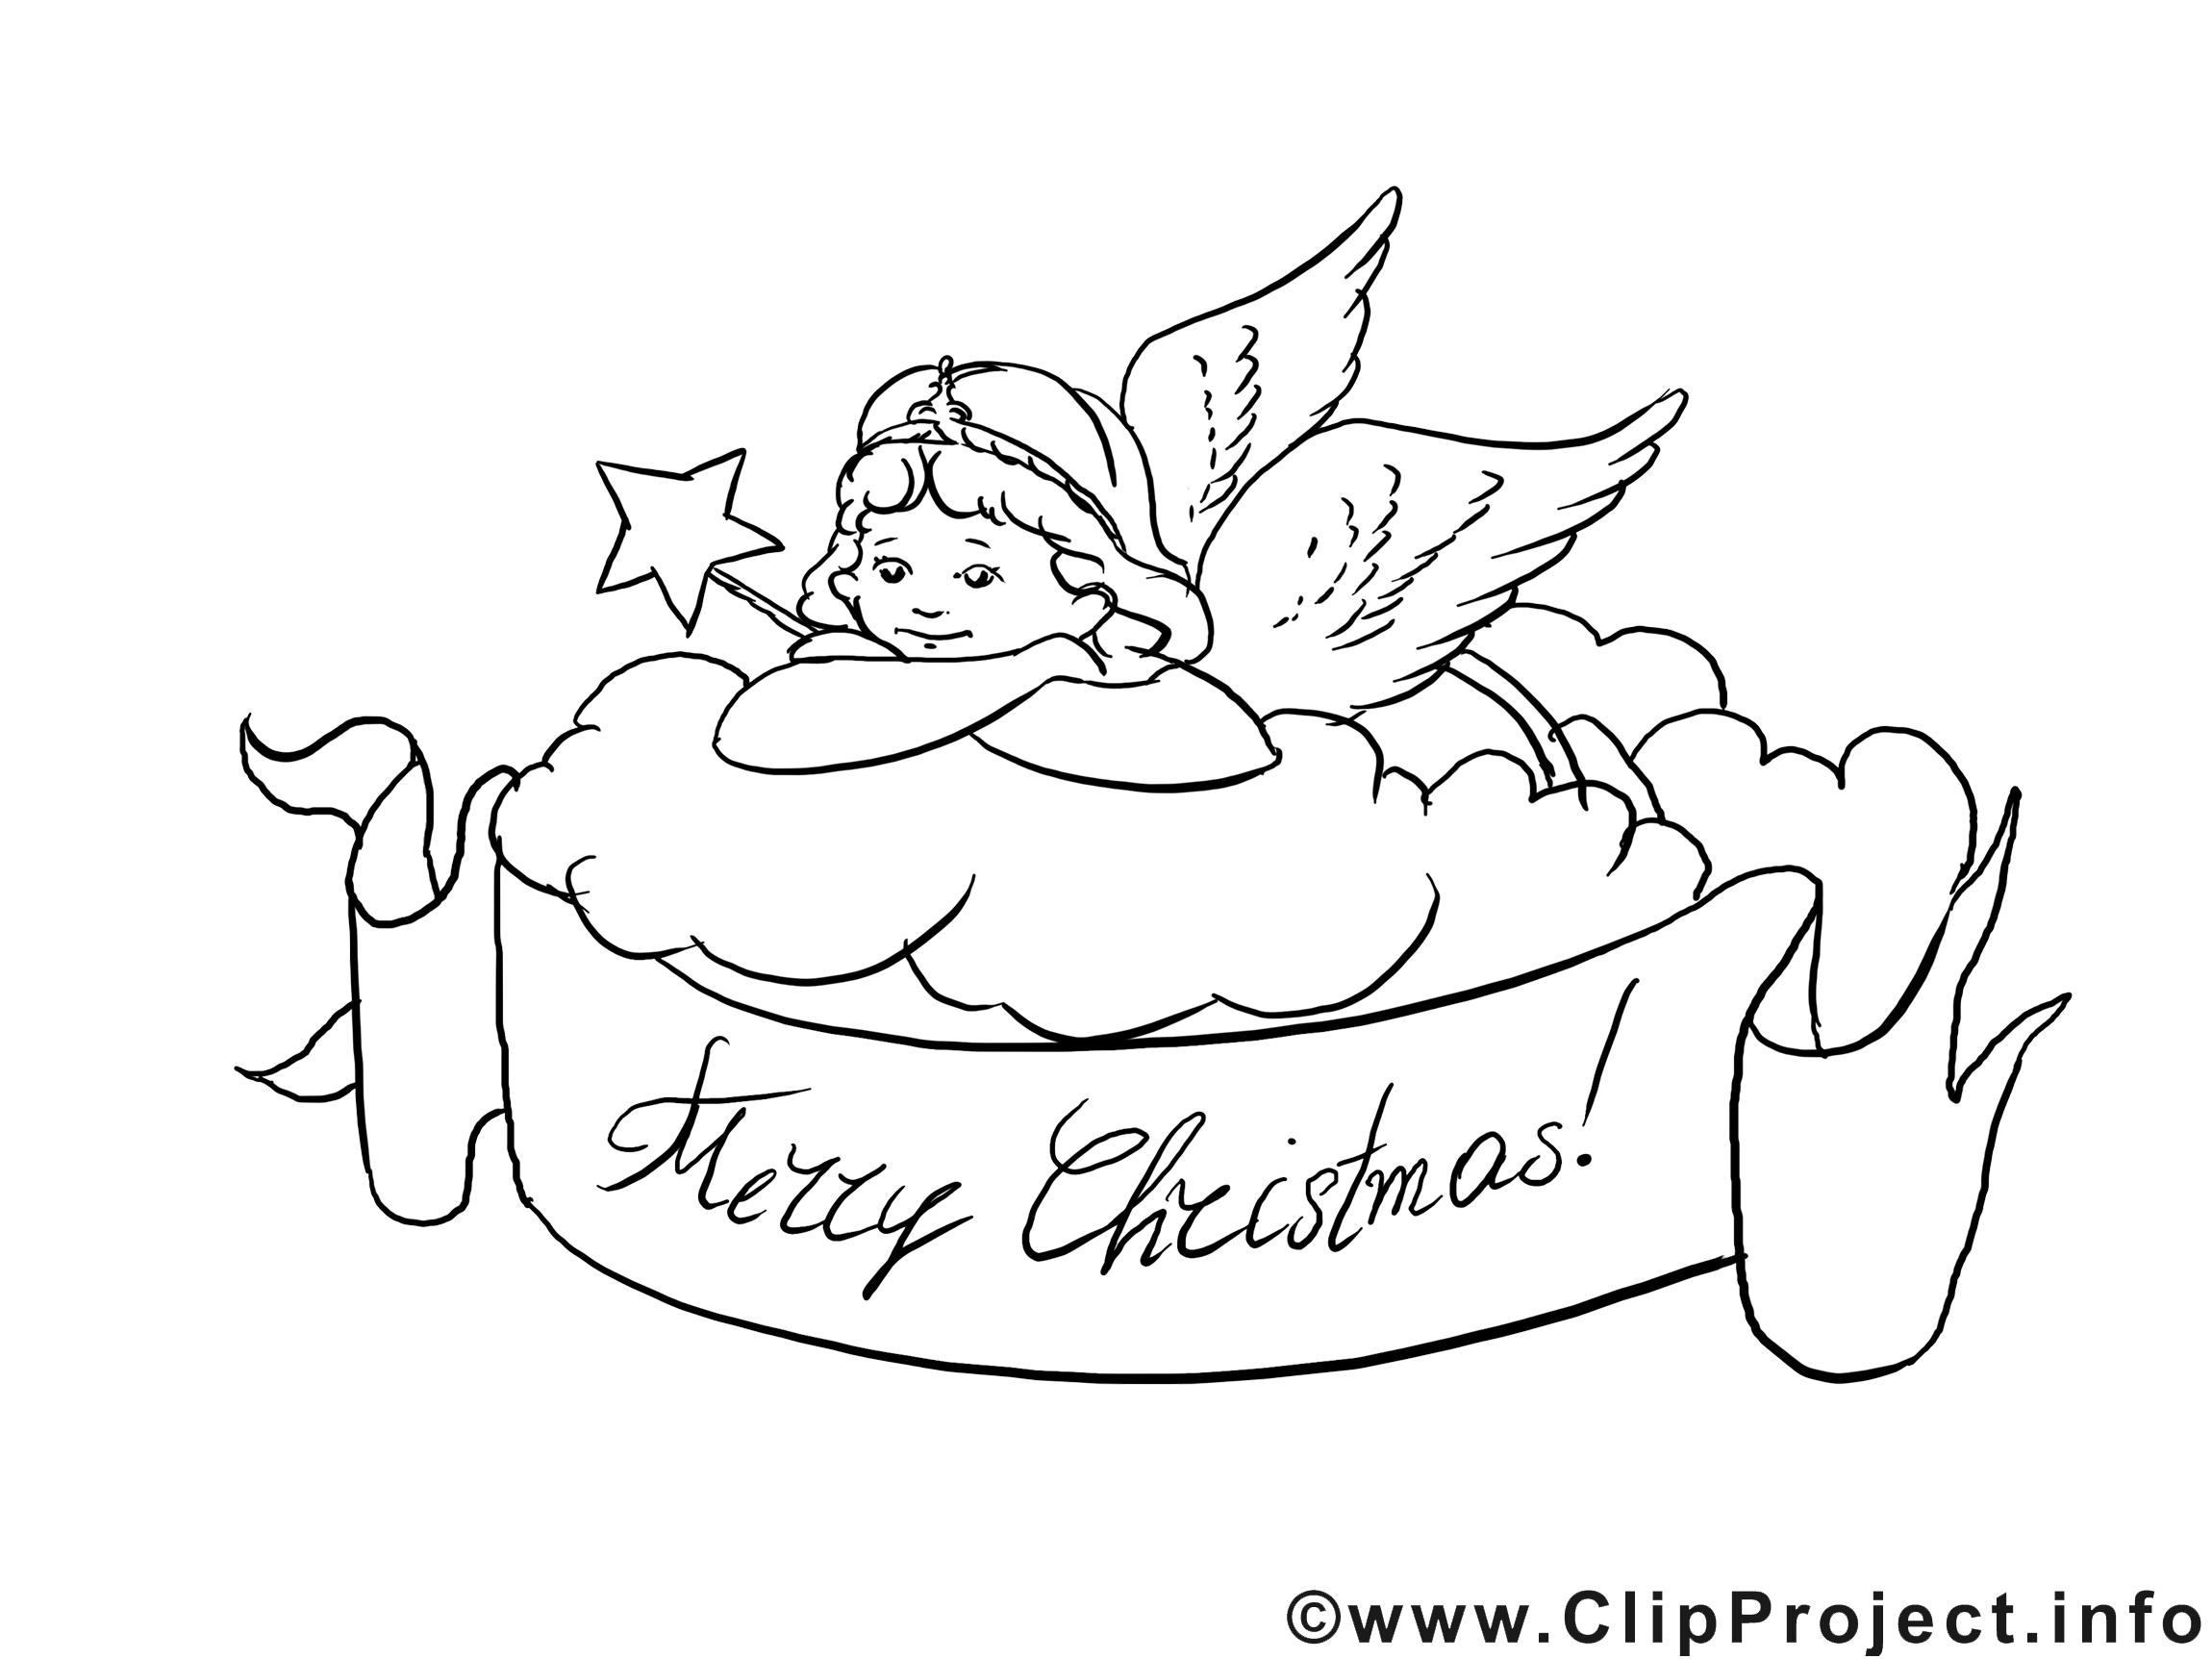 Ange dessin gratuit – Noël à colorier